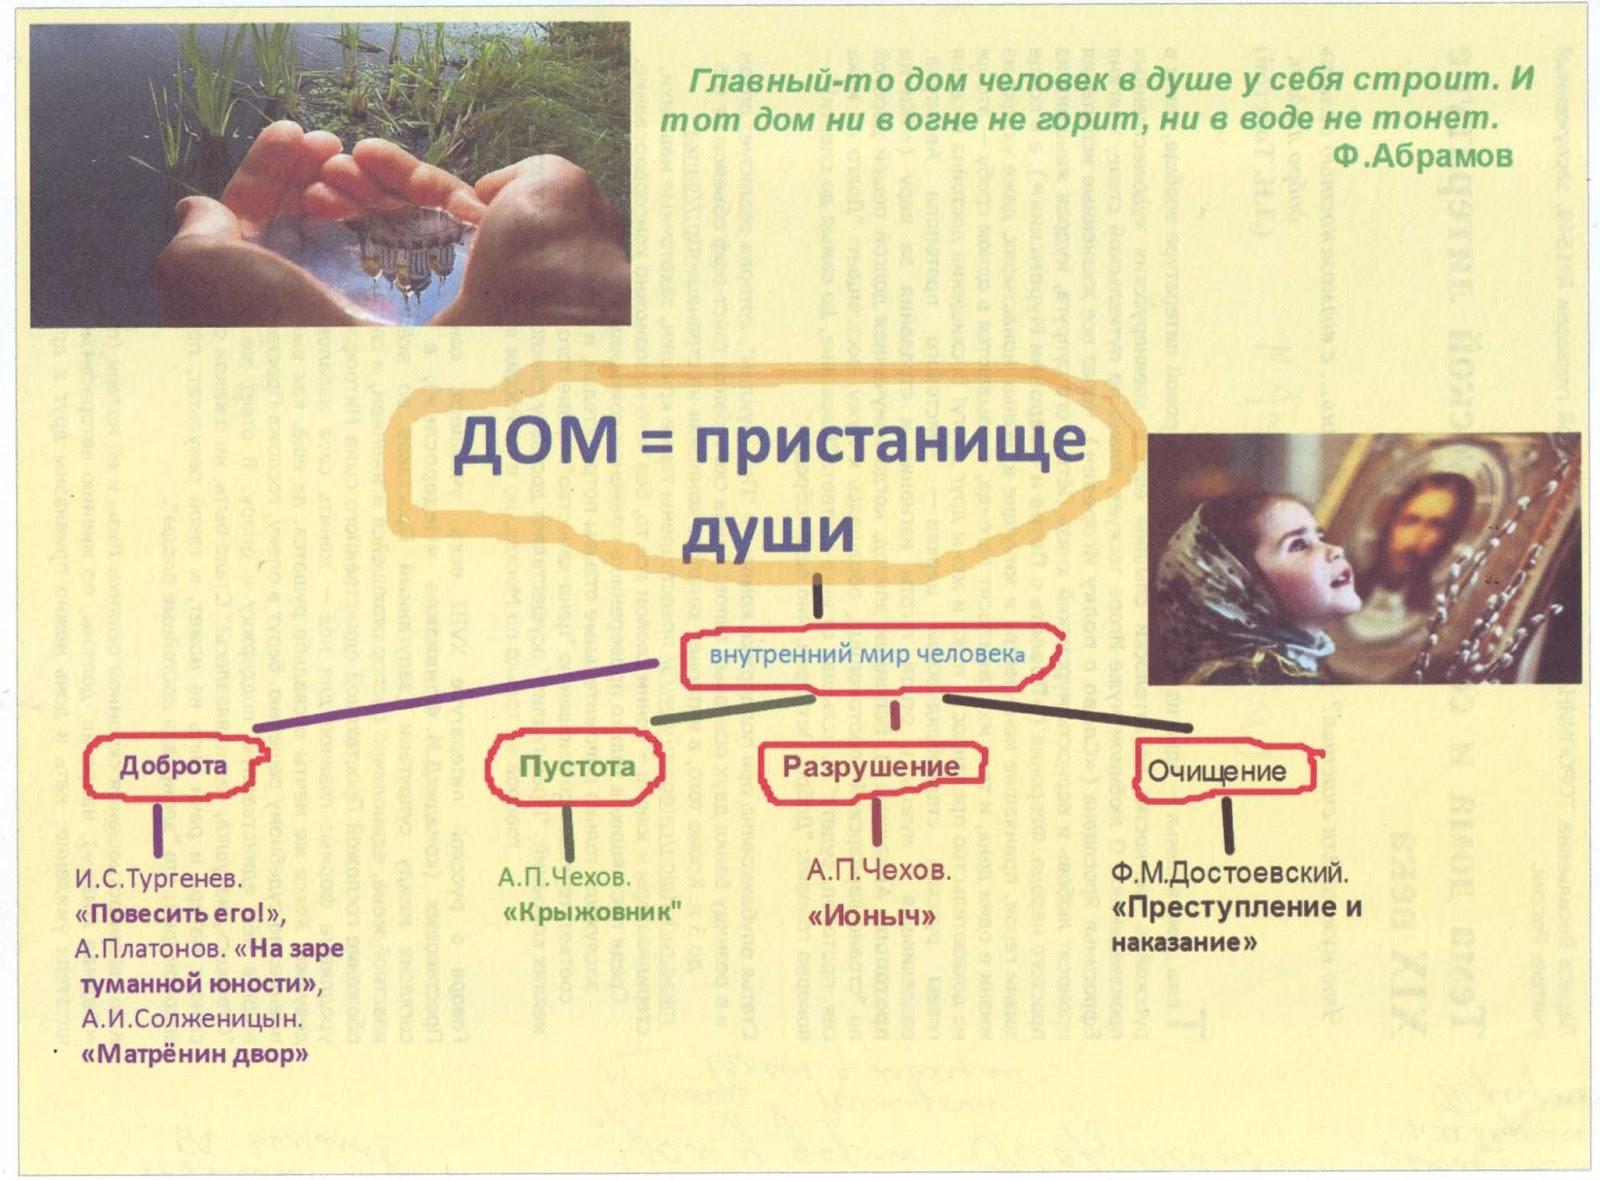 найти сочинение про учителя русского языка, как им трудно быть